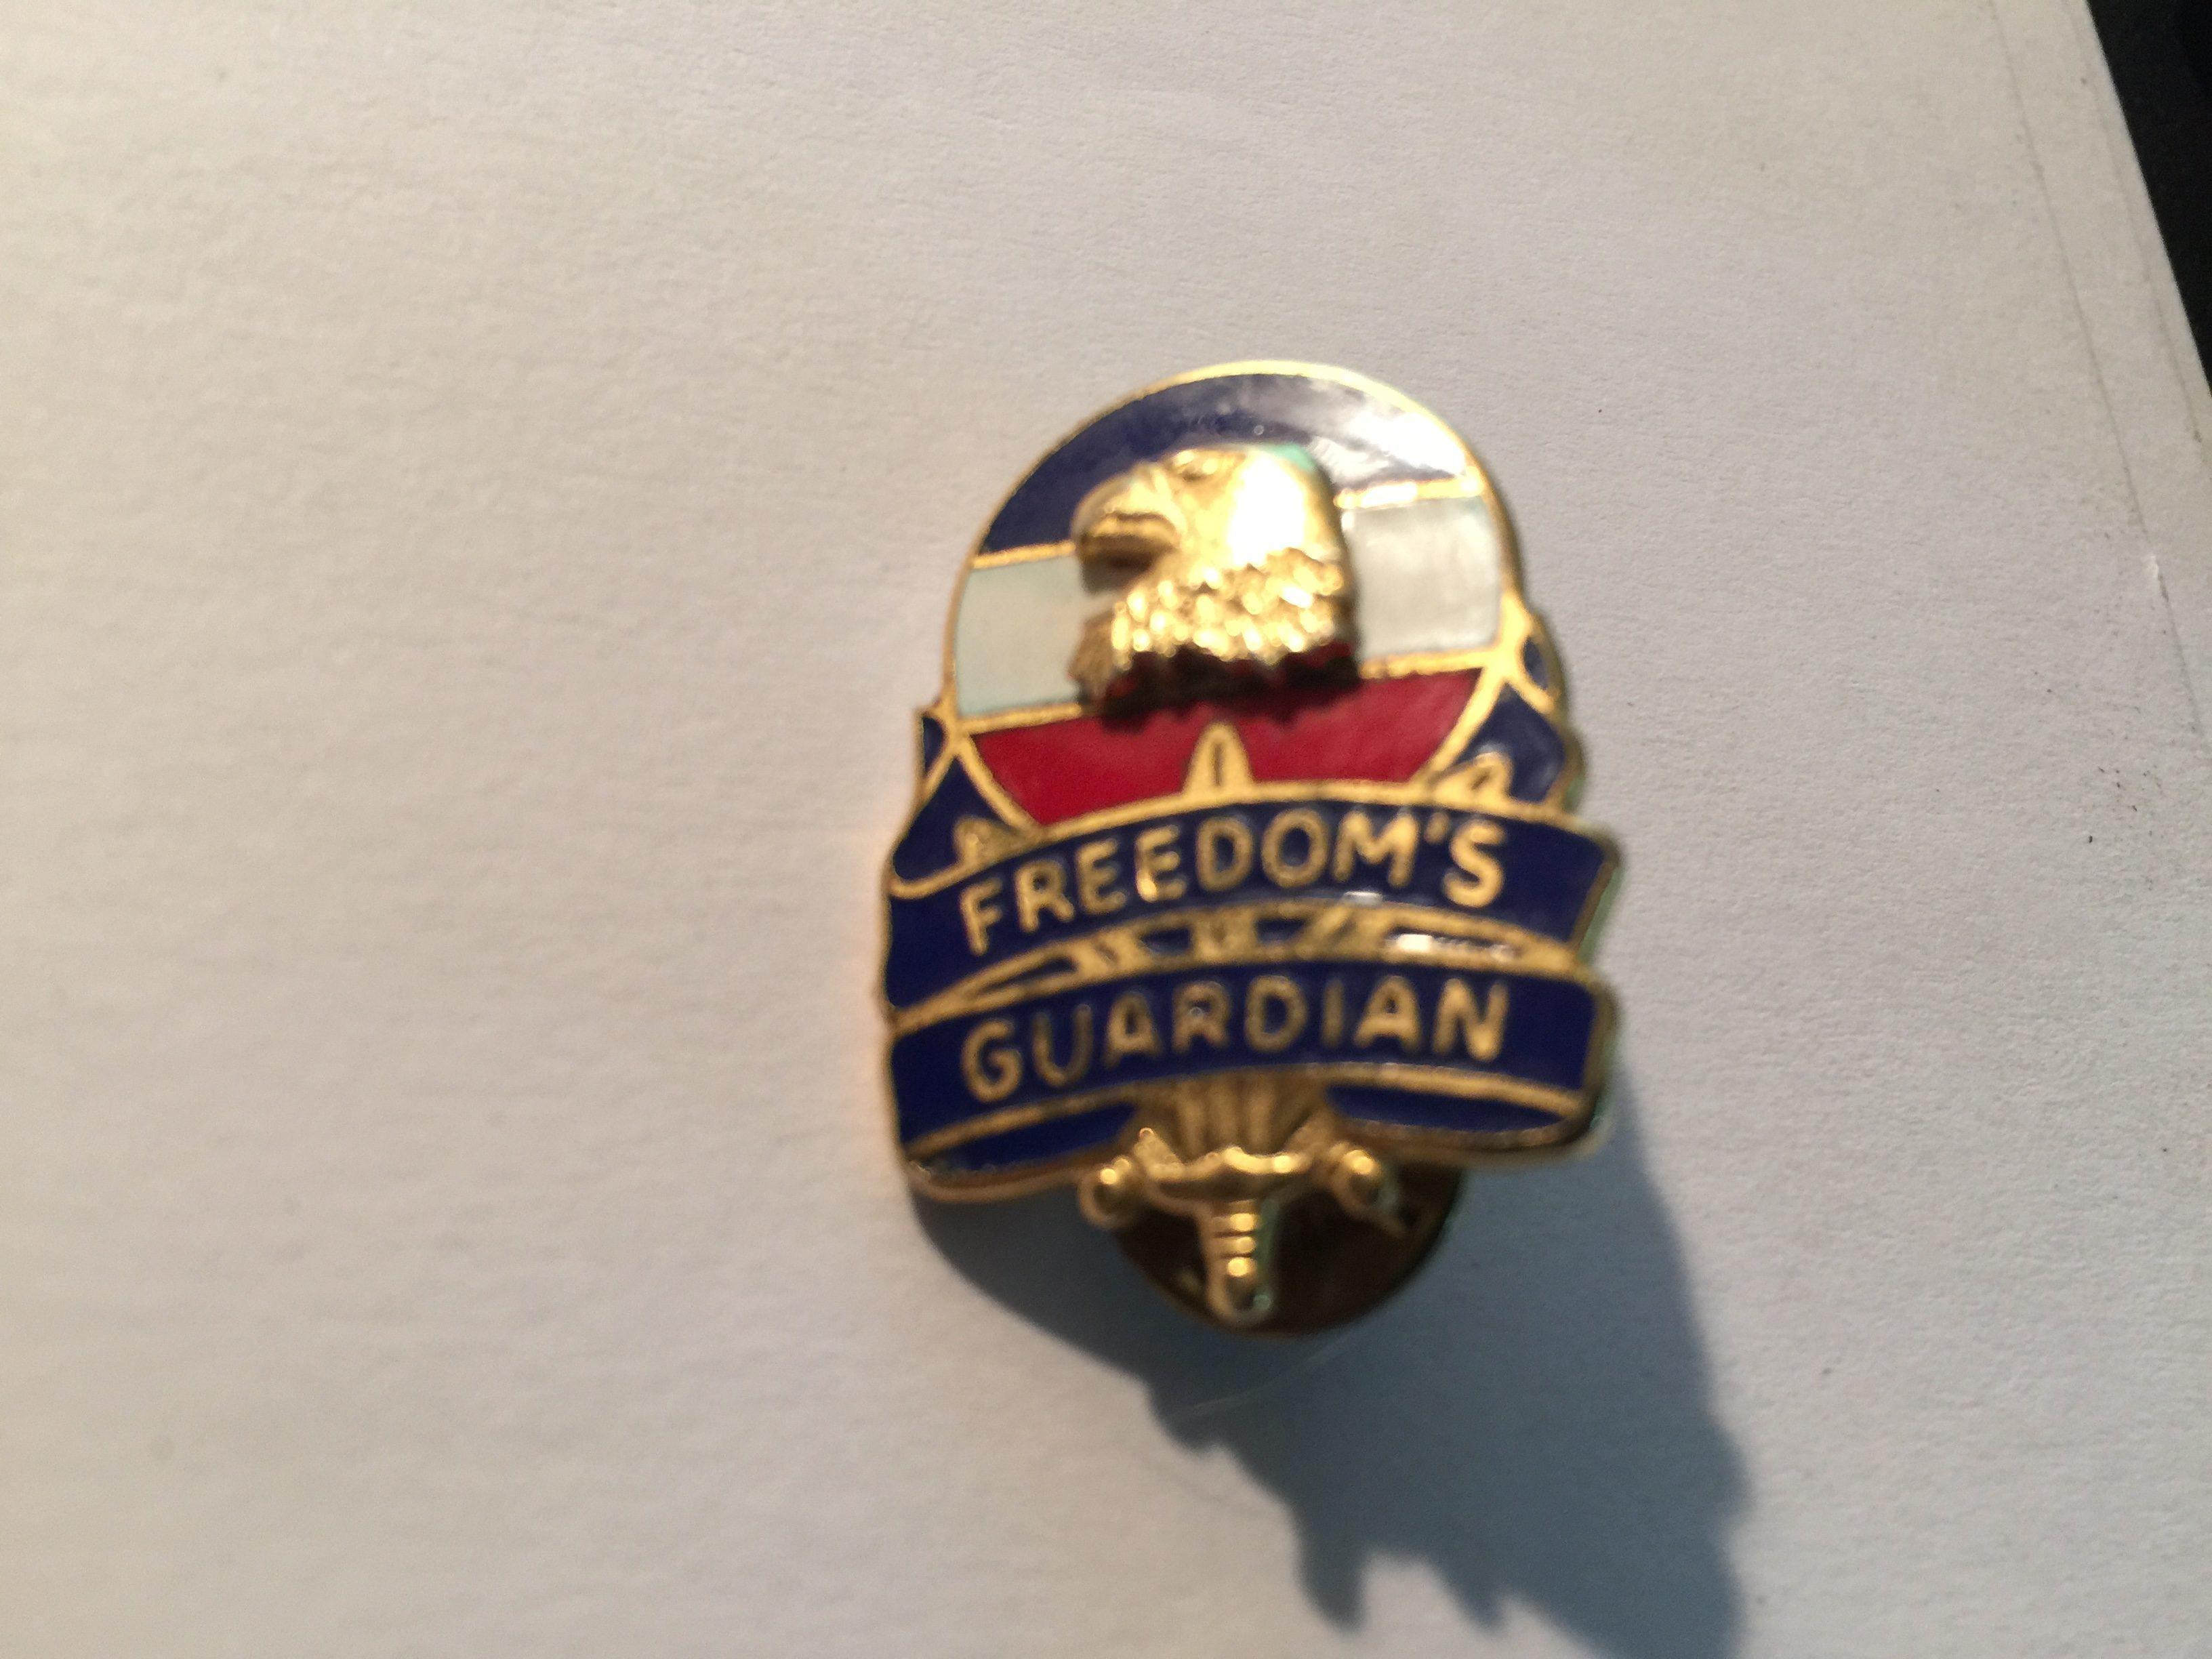 US ARMY Forces Command (FORSCOM) Unit Crest